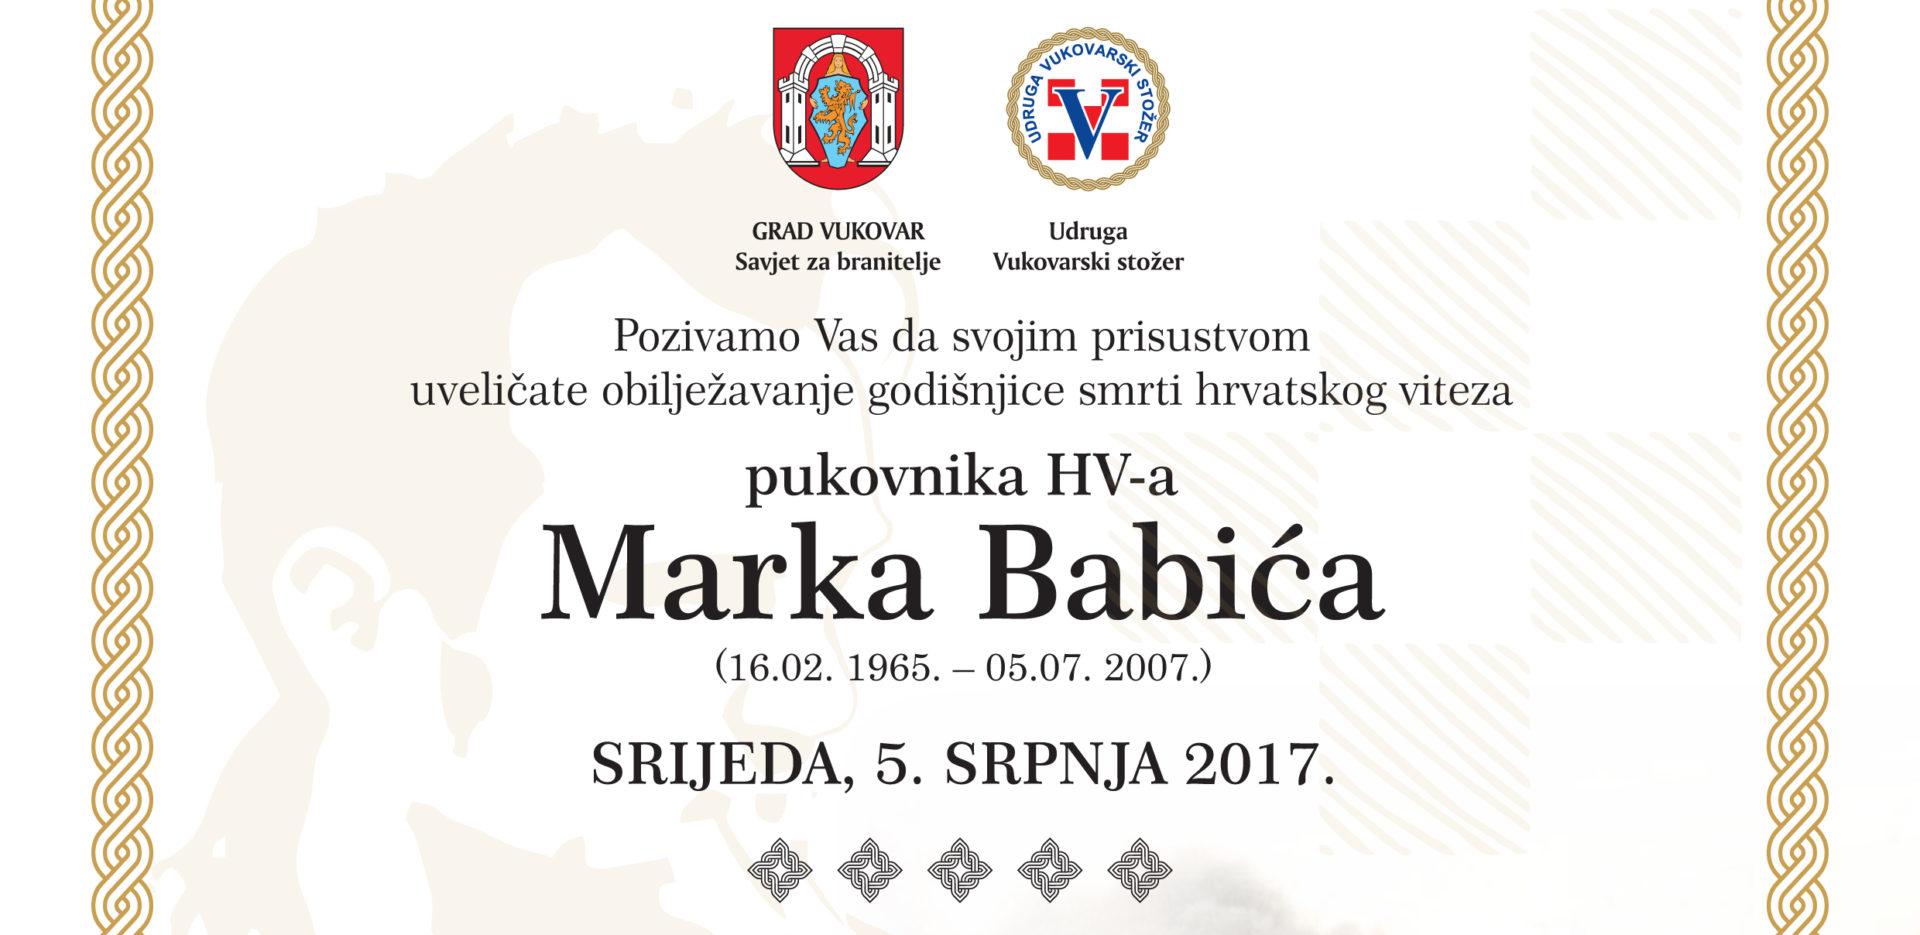 Obilježavanje godišnice smrti pukovnika HV-a Marka Babića